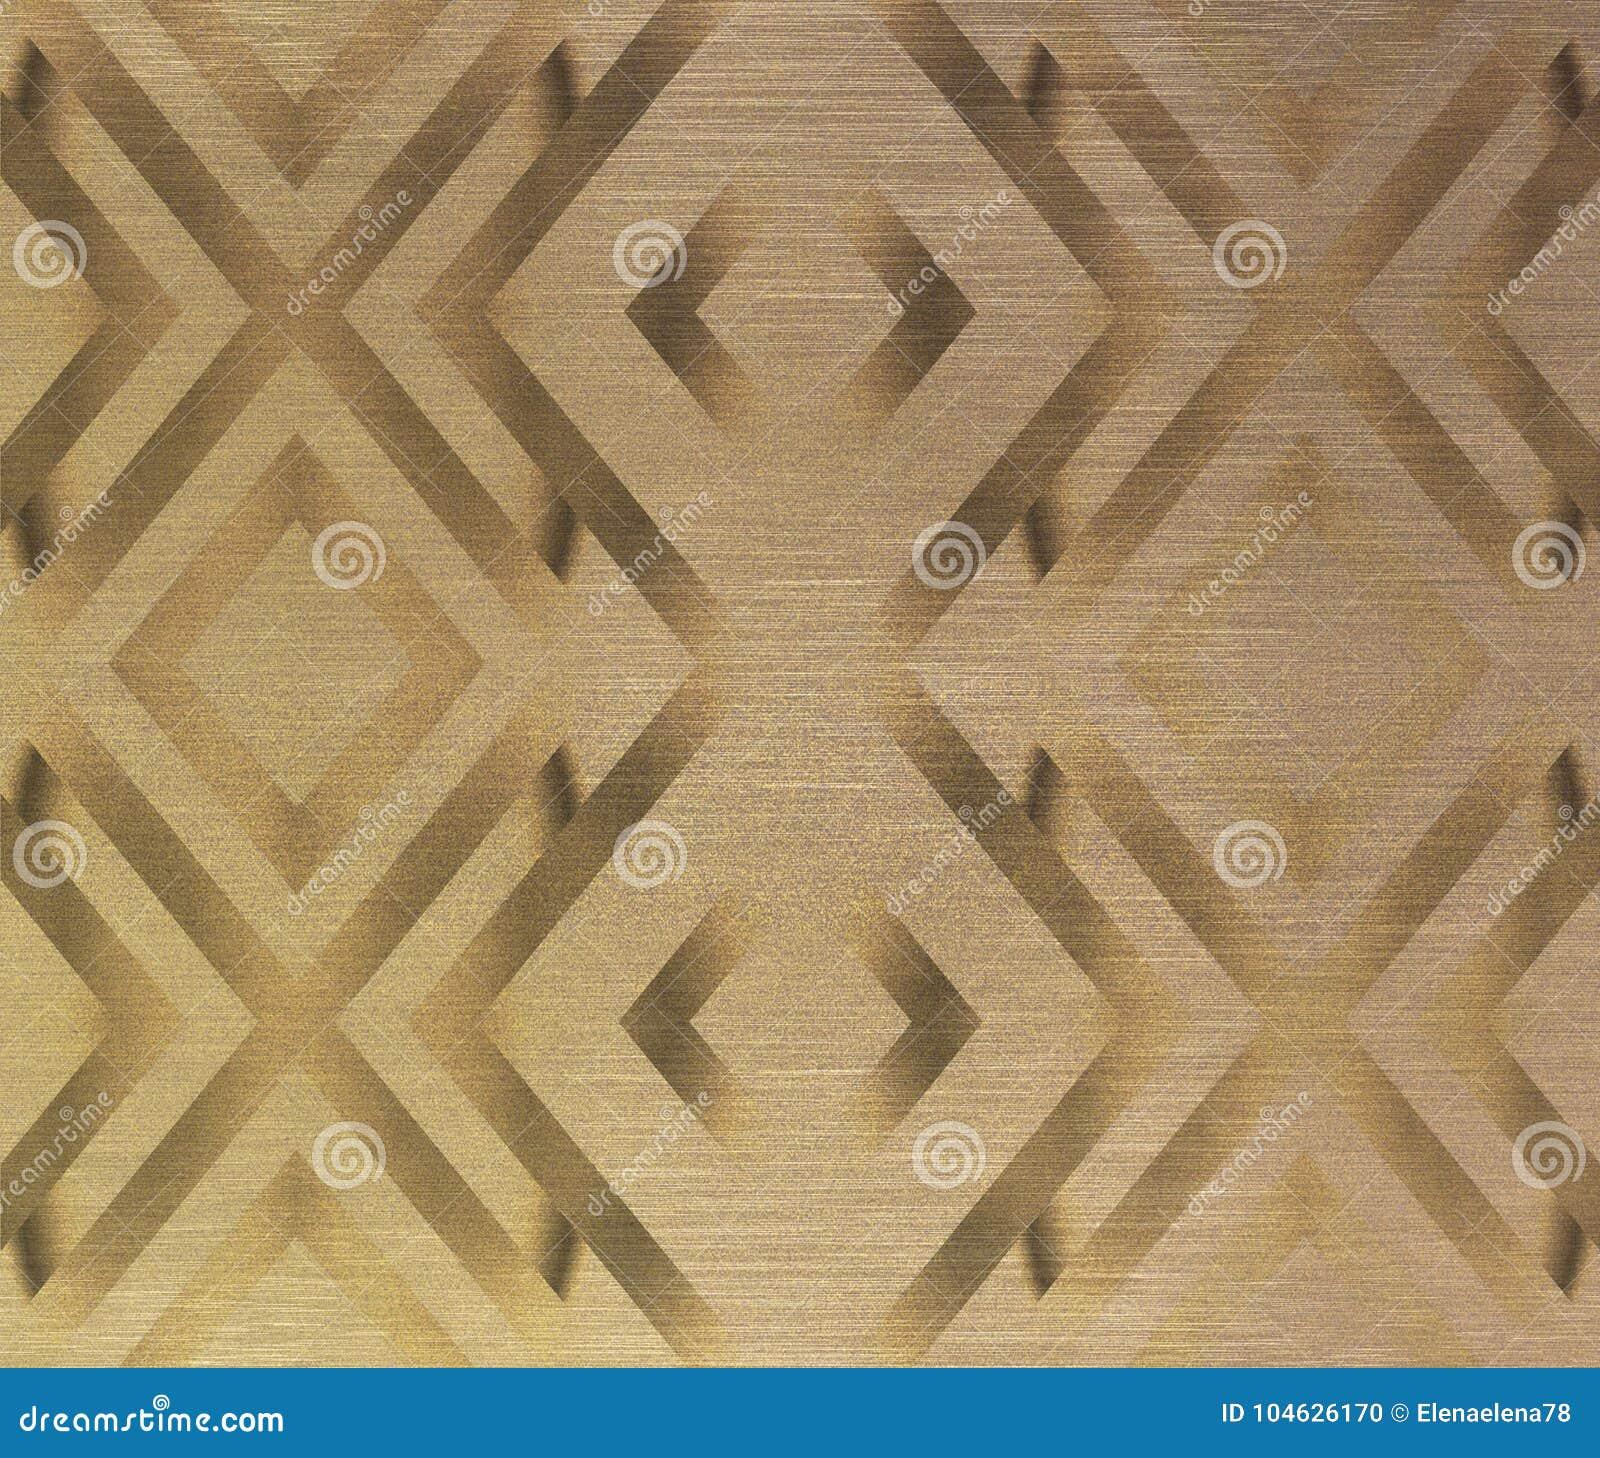 Download Ornament in gouden tonen stock illustratie. Illustratie bestaande uit document - 104626170